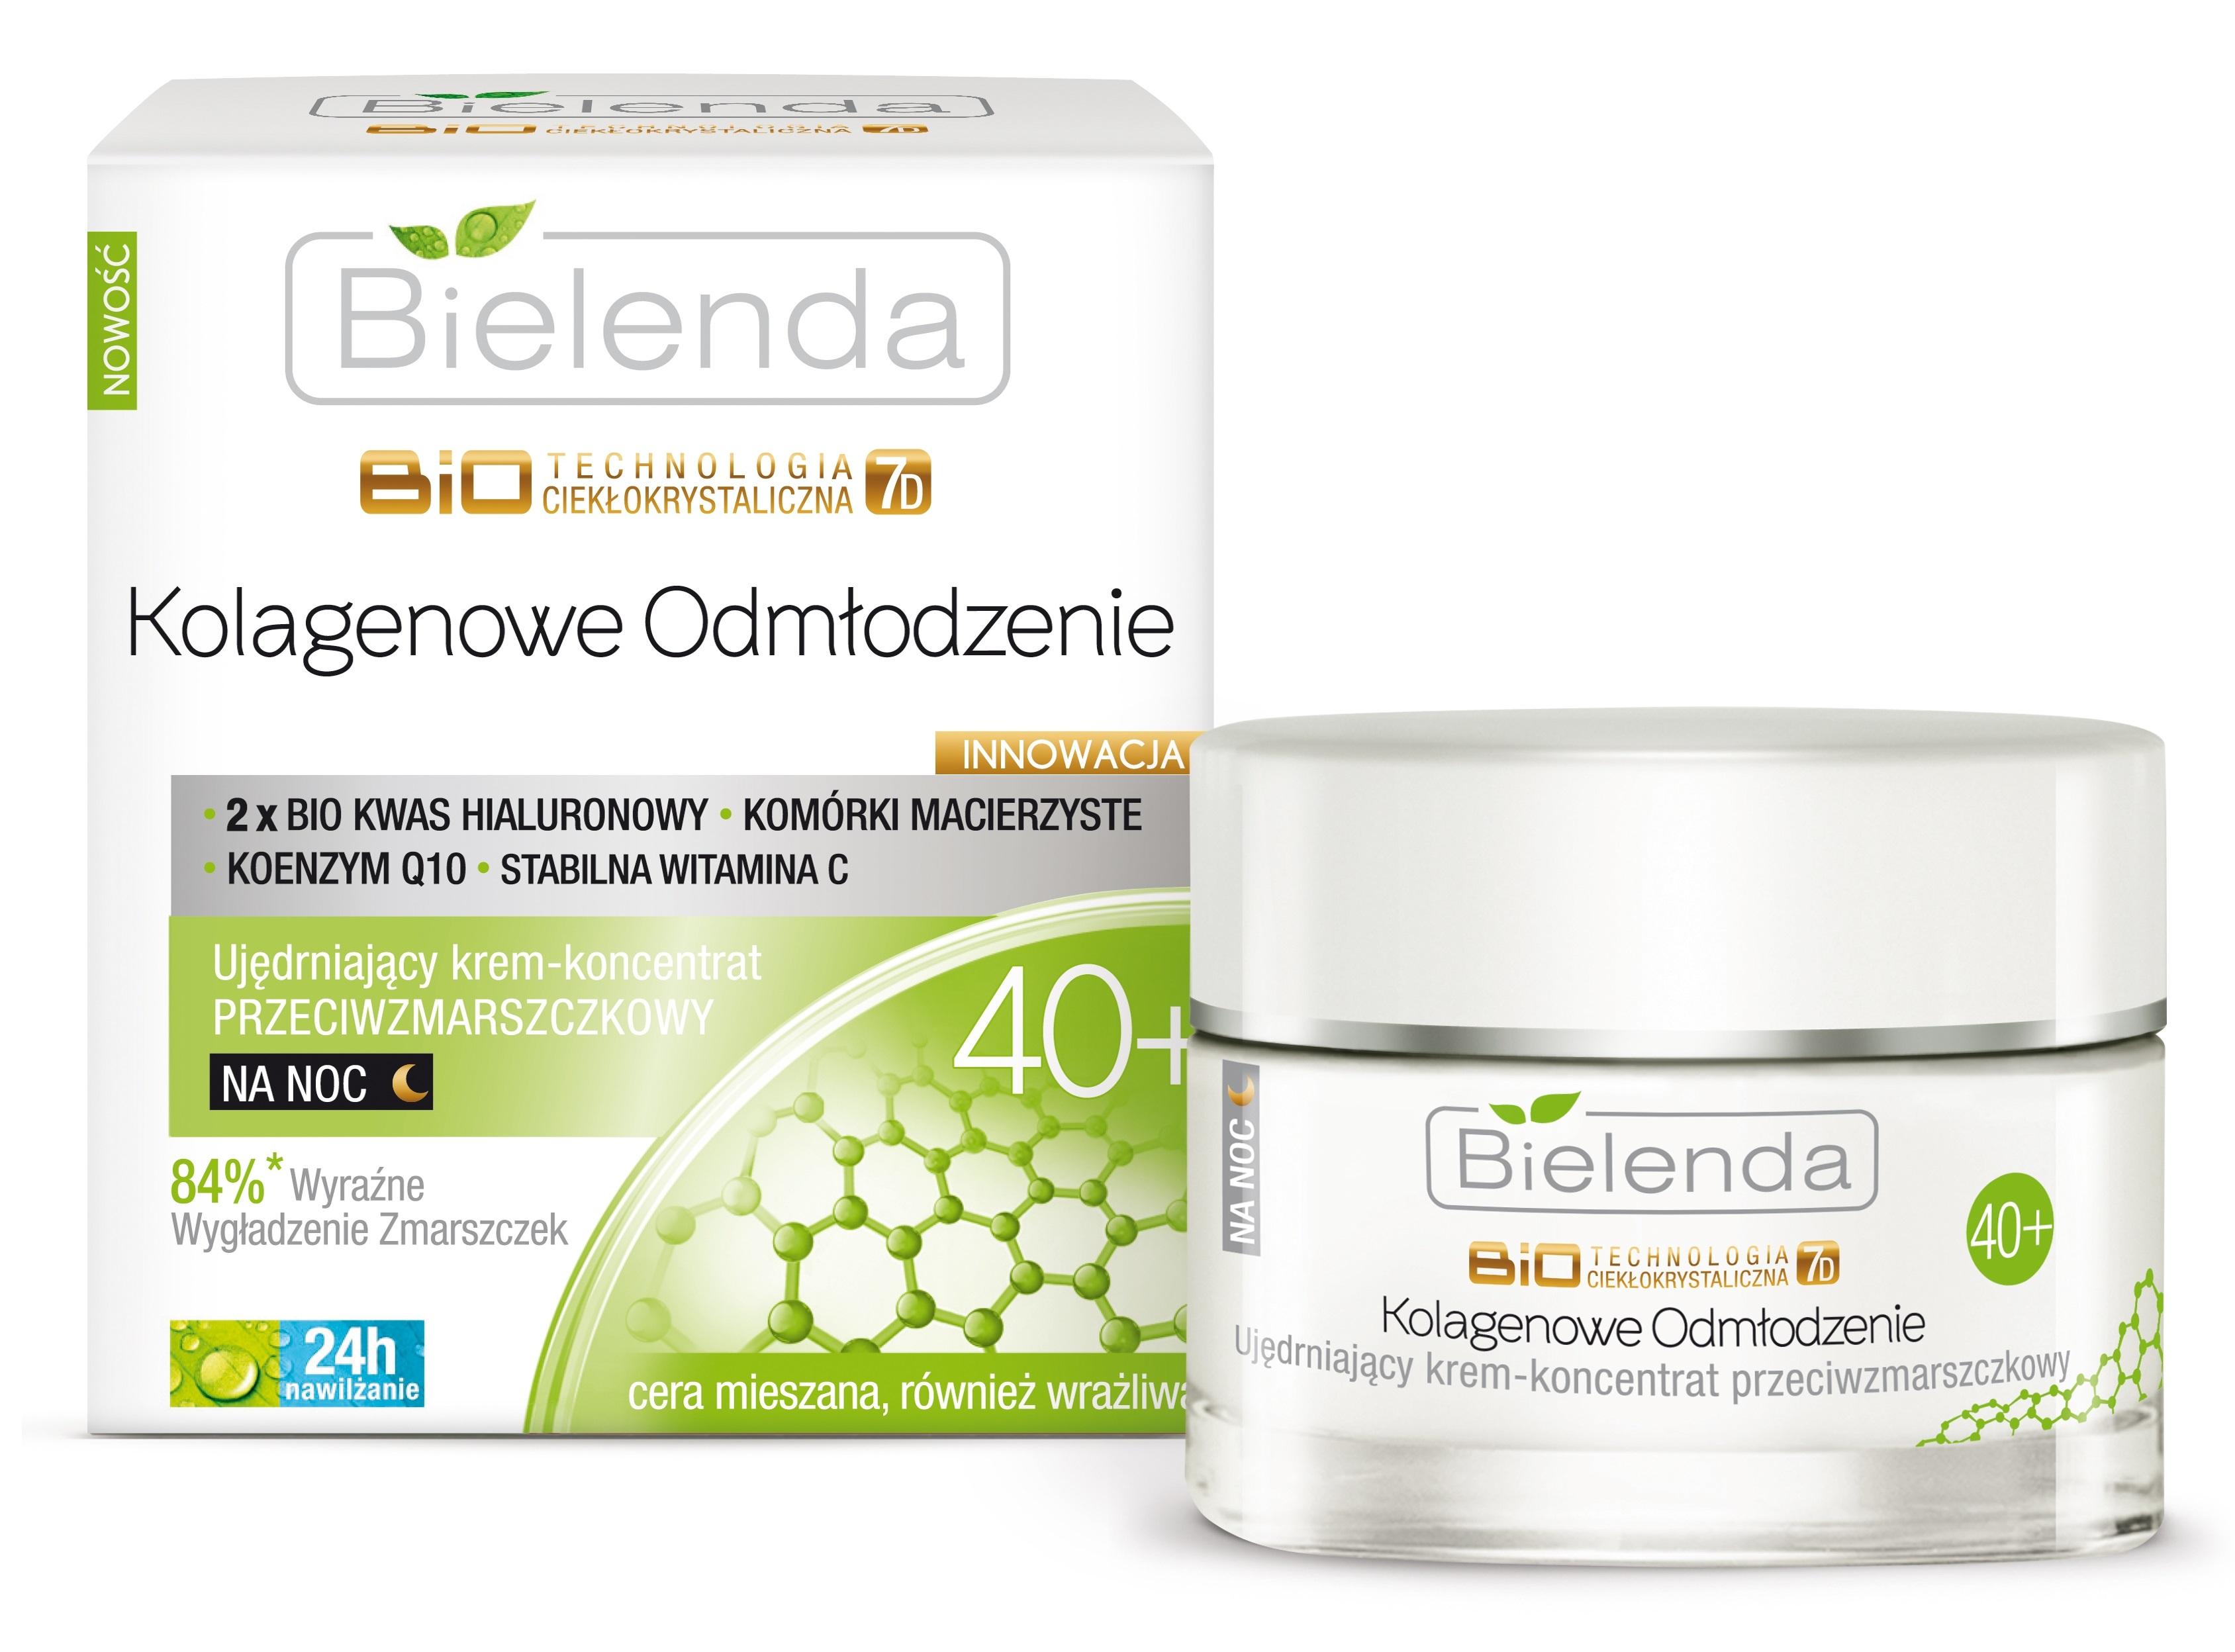 Биотехнология 7D, Укрепляющий ночной крем 40+, 50 мл.  Bielenda